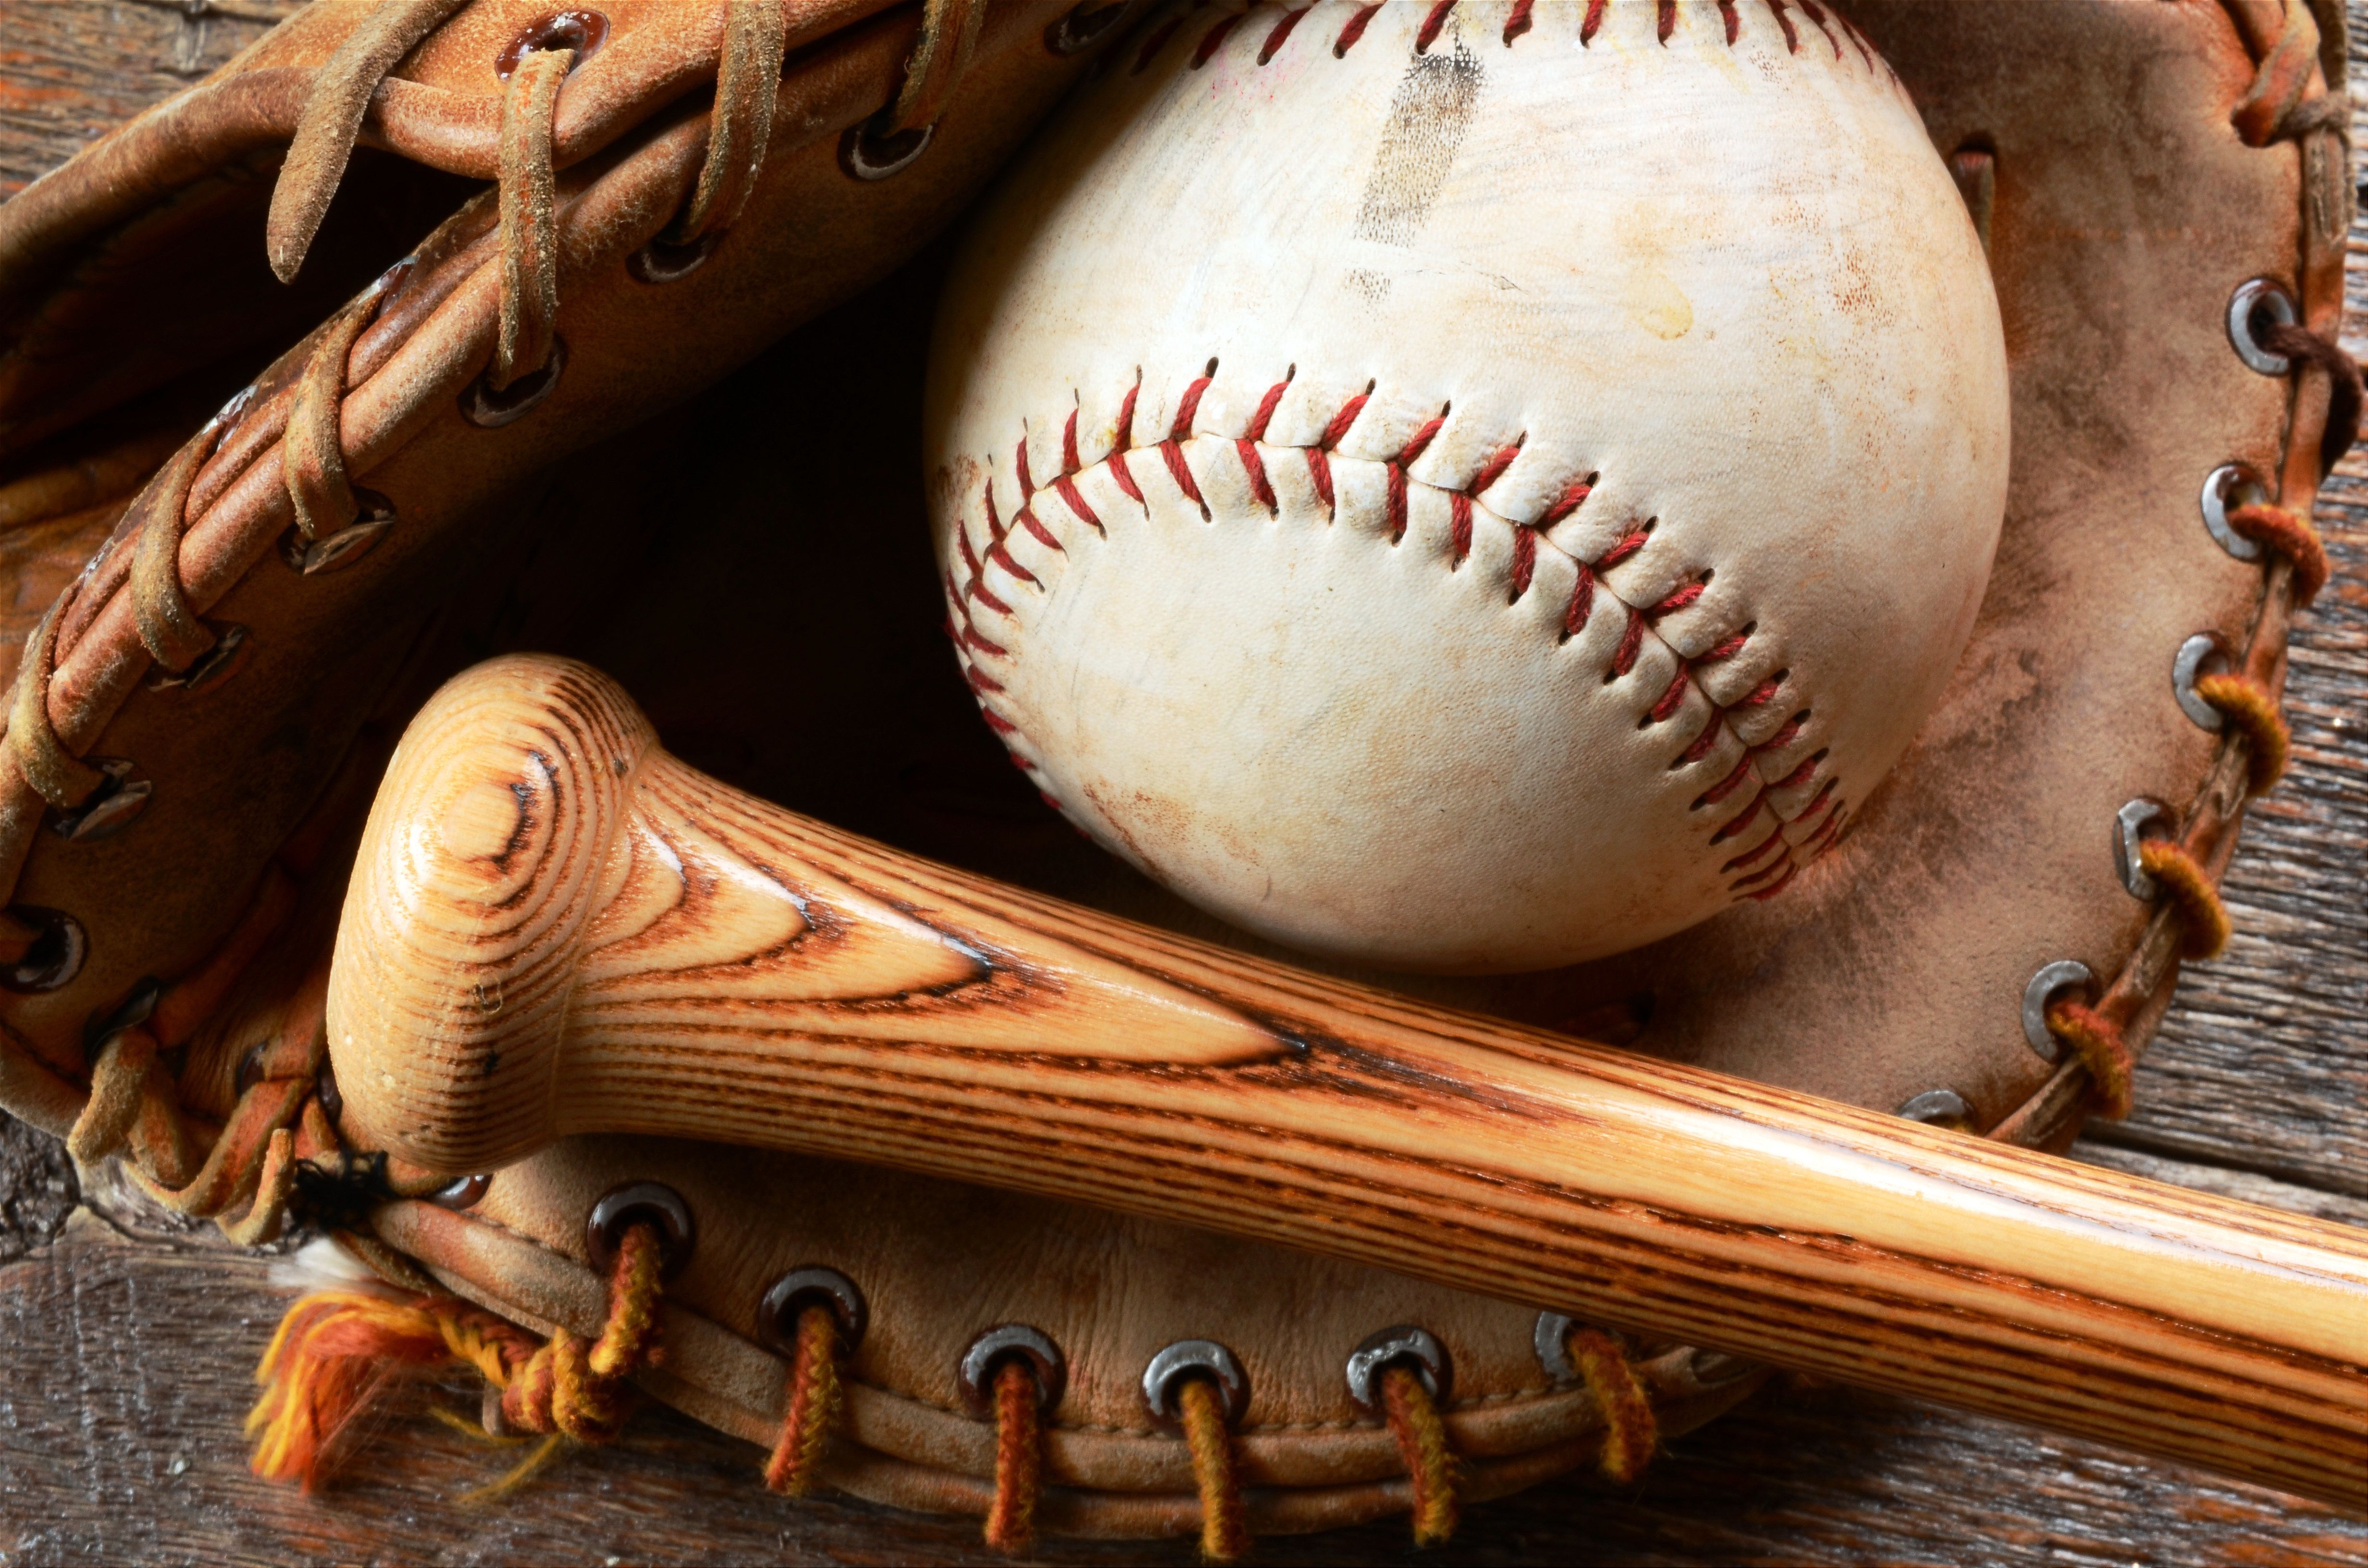 A top view image of old used baseball, baseball glove, and baseball bat.